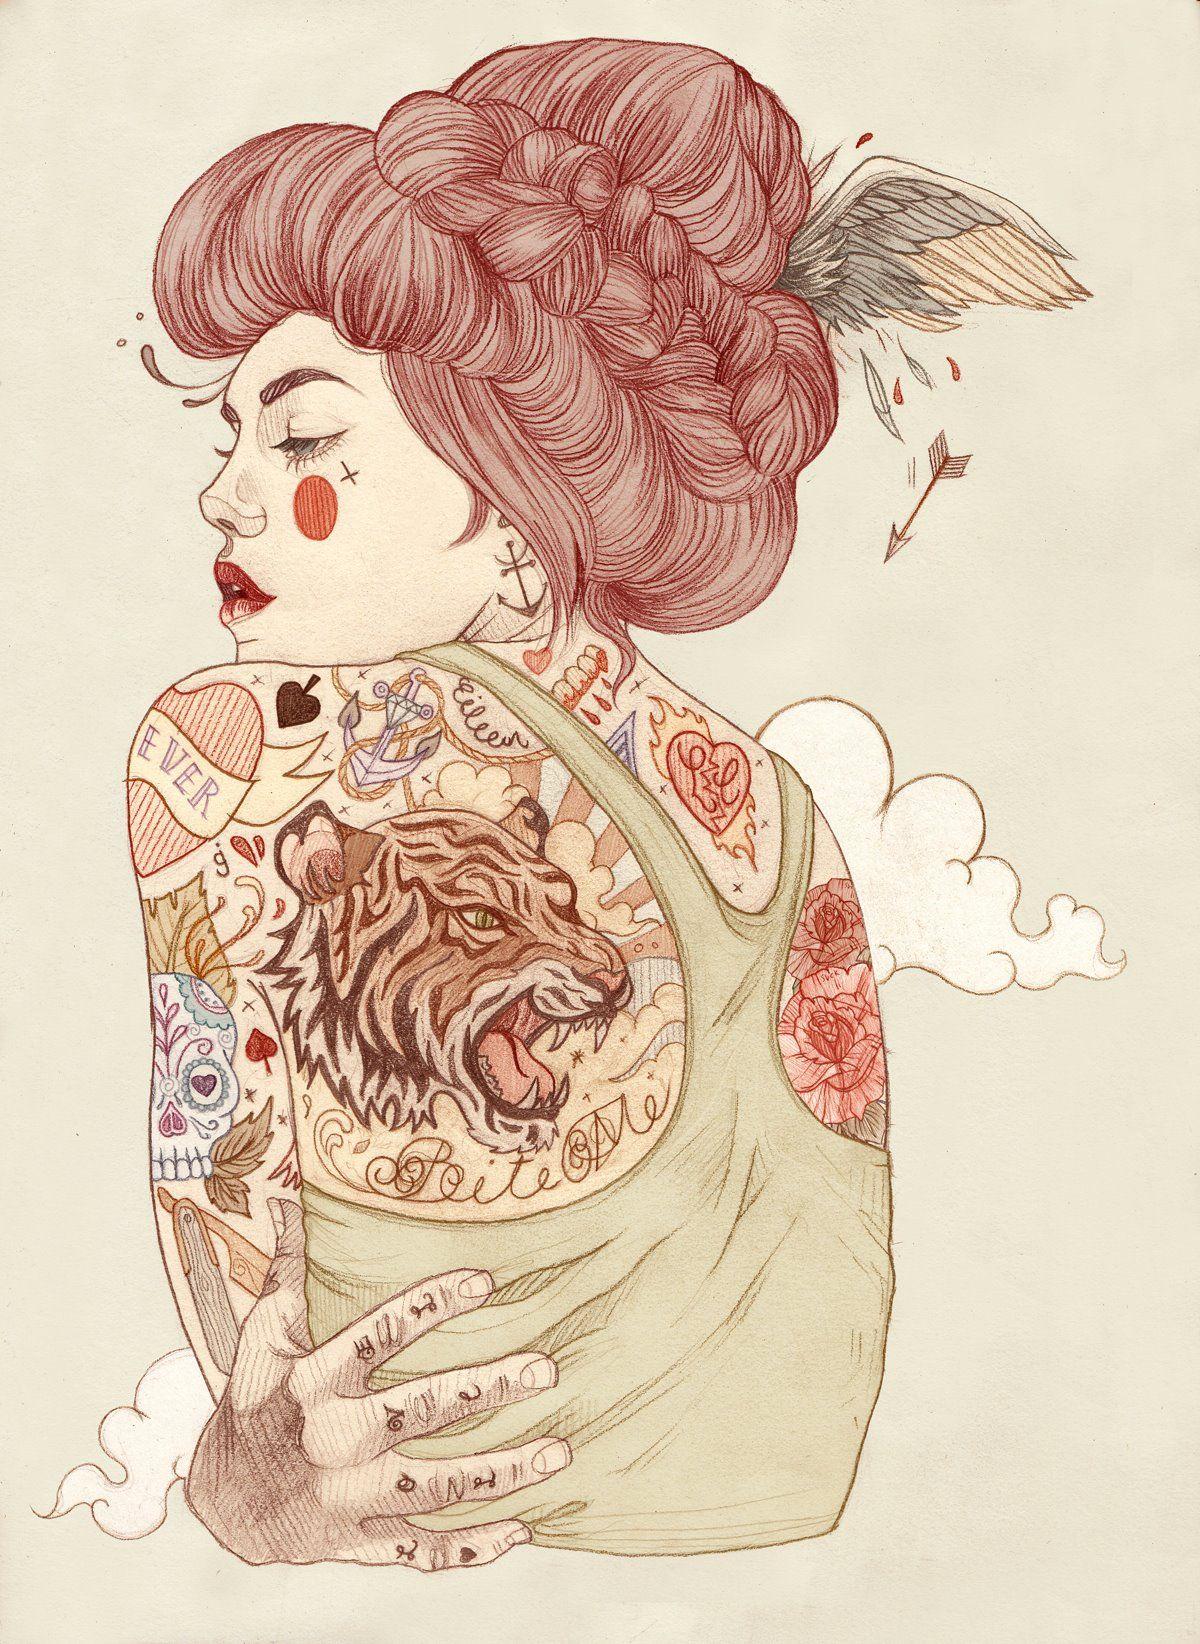 Liz Clements, uma ilustradora de Londres, conhecida por sua arte estilizada e inspiradas em tatuagens e designe feminino.  Gosto desse lápis macio que ela utiliza e essas cores, com certeza uma arte com muita identidade.